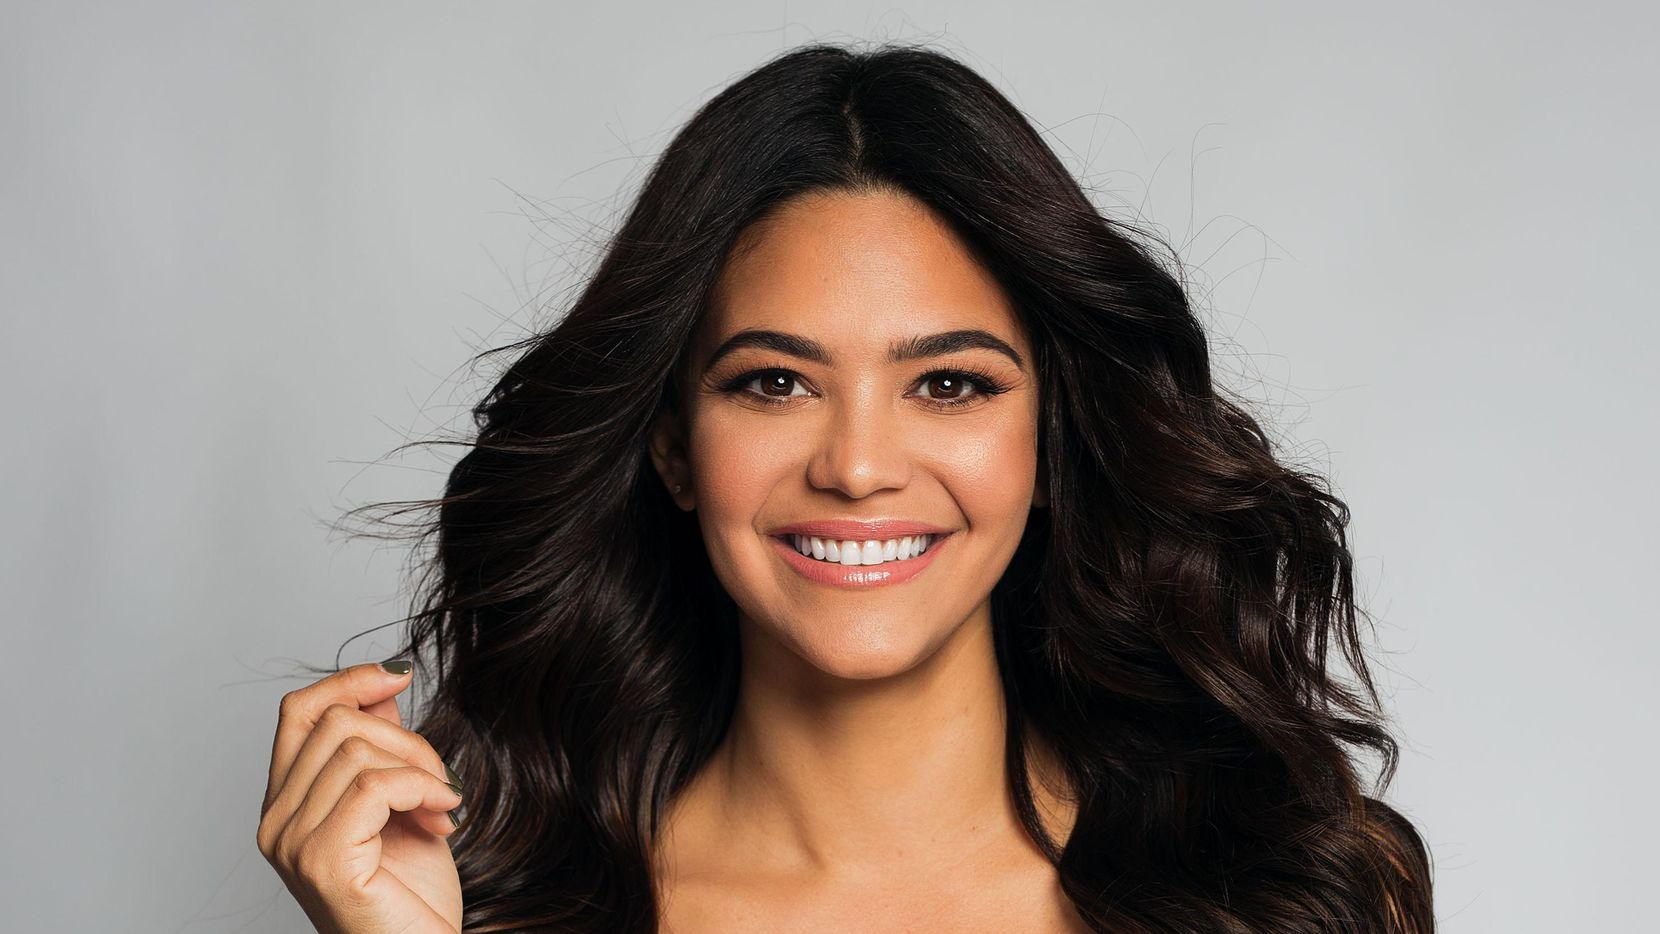 Alina Robert interpreta a una joven inmigrante que busca legalizar su estancia en Estados Unidos.(Yusnel Suarez/OMG Studios Miami)